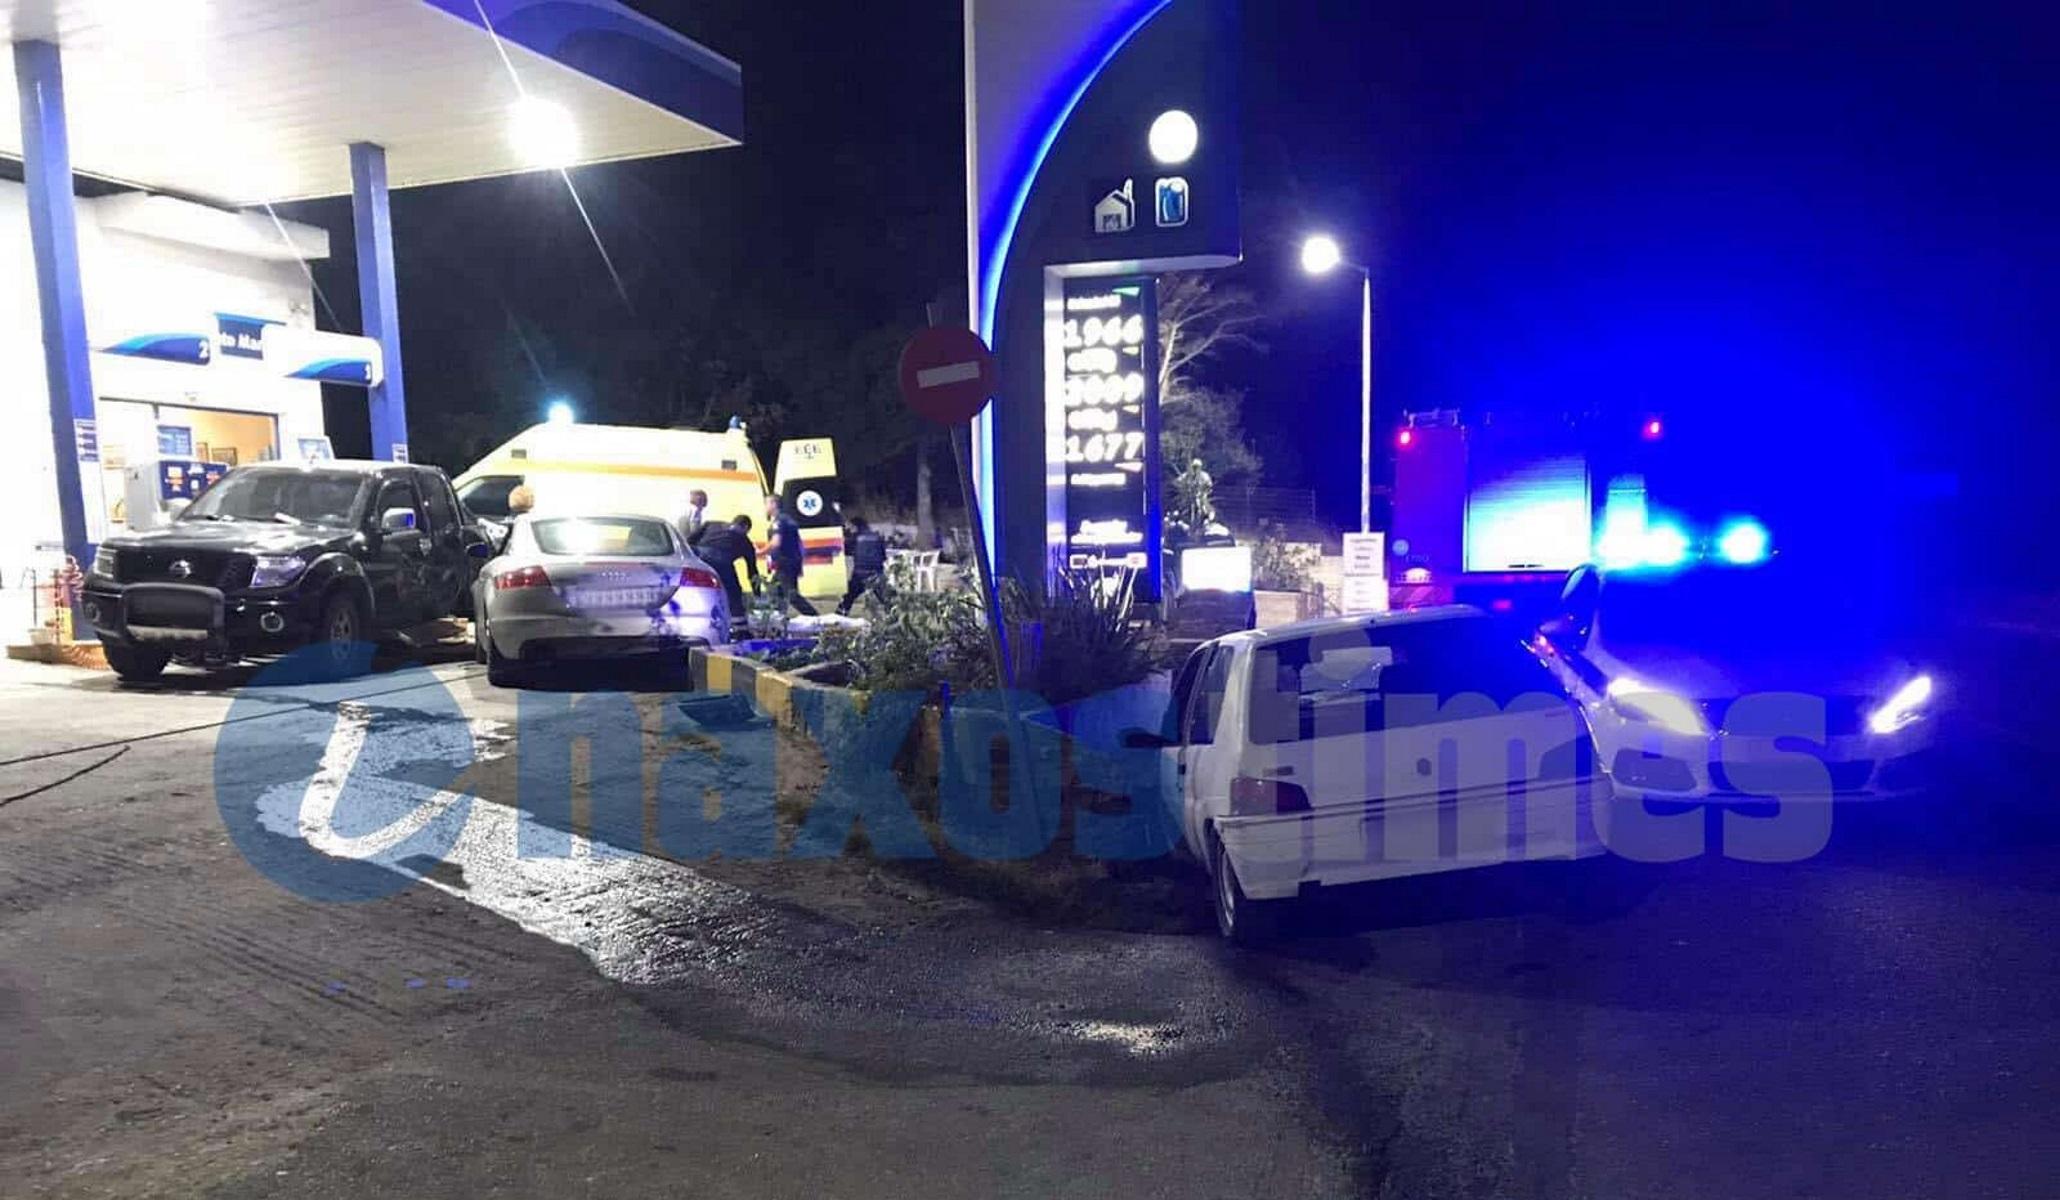 Νάξος: Σοβαρό τροχαίο σε βενζινάδικο – Ακρωτηριάστηκε οδηγός